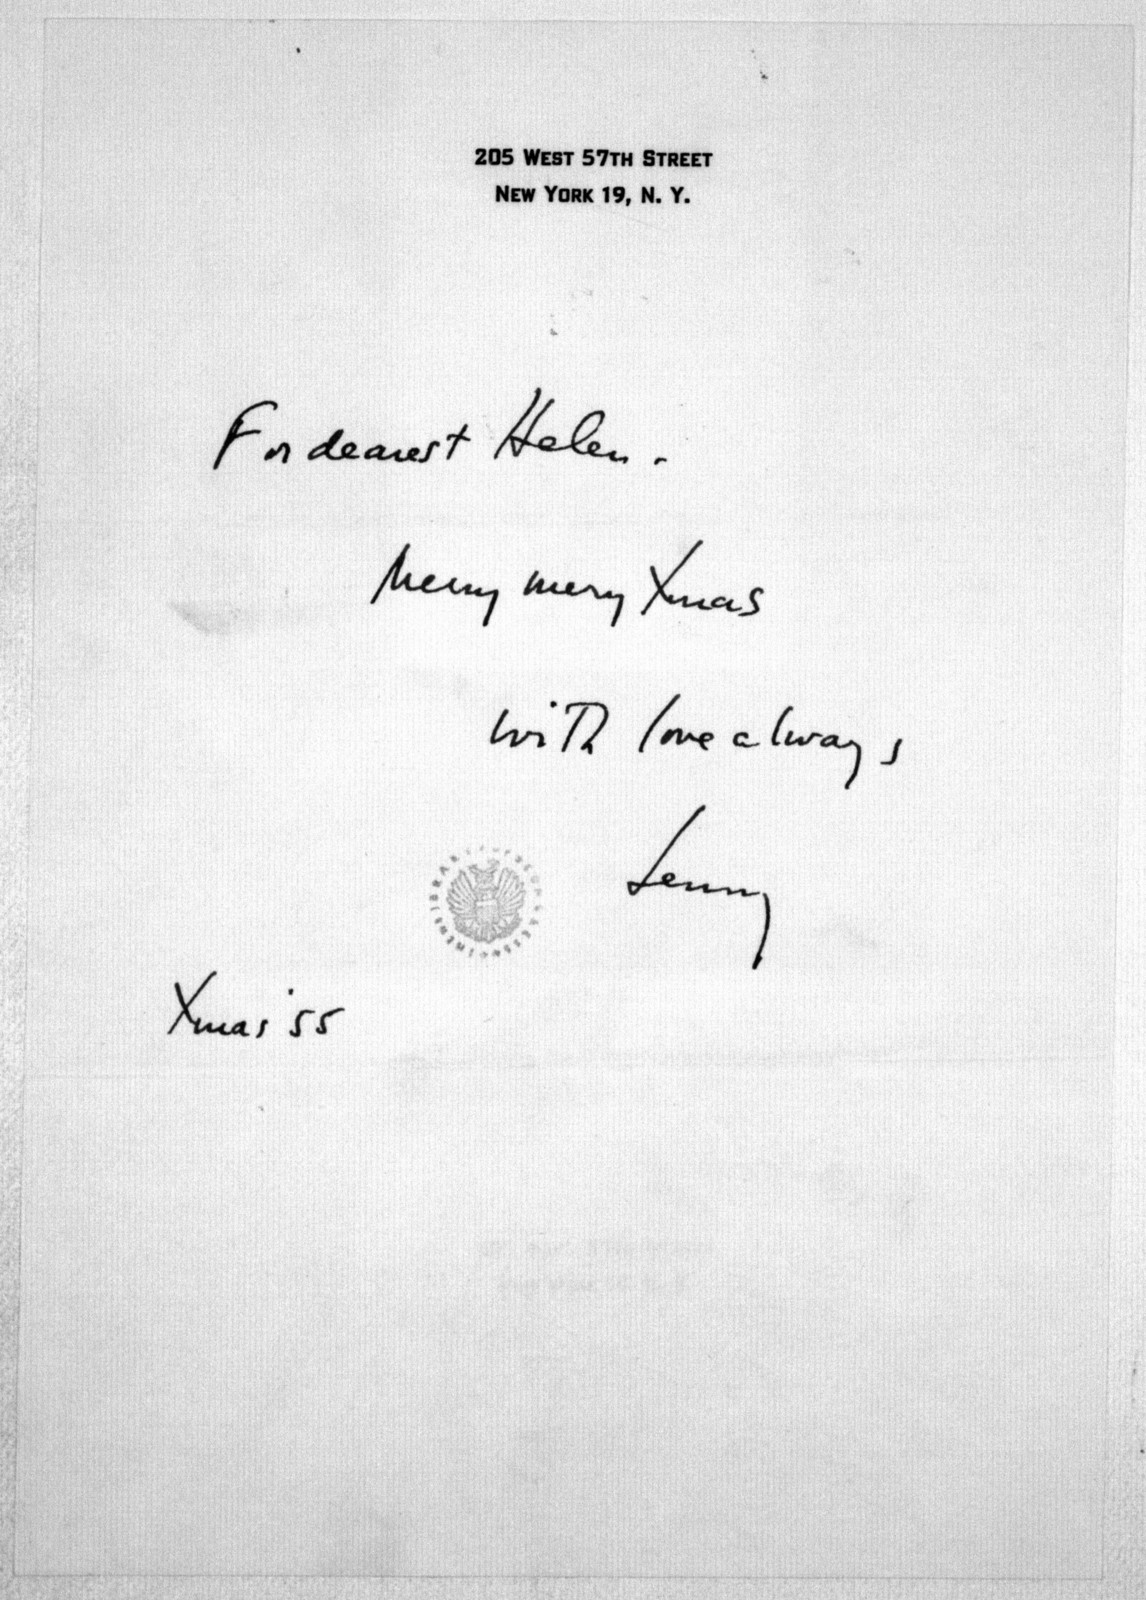 Letter from Leonard Bernstein to Helen Coates, December 1955